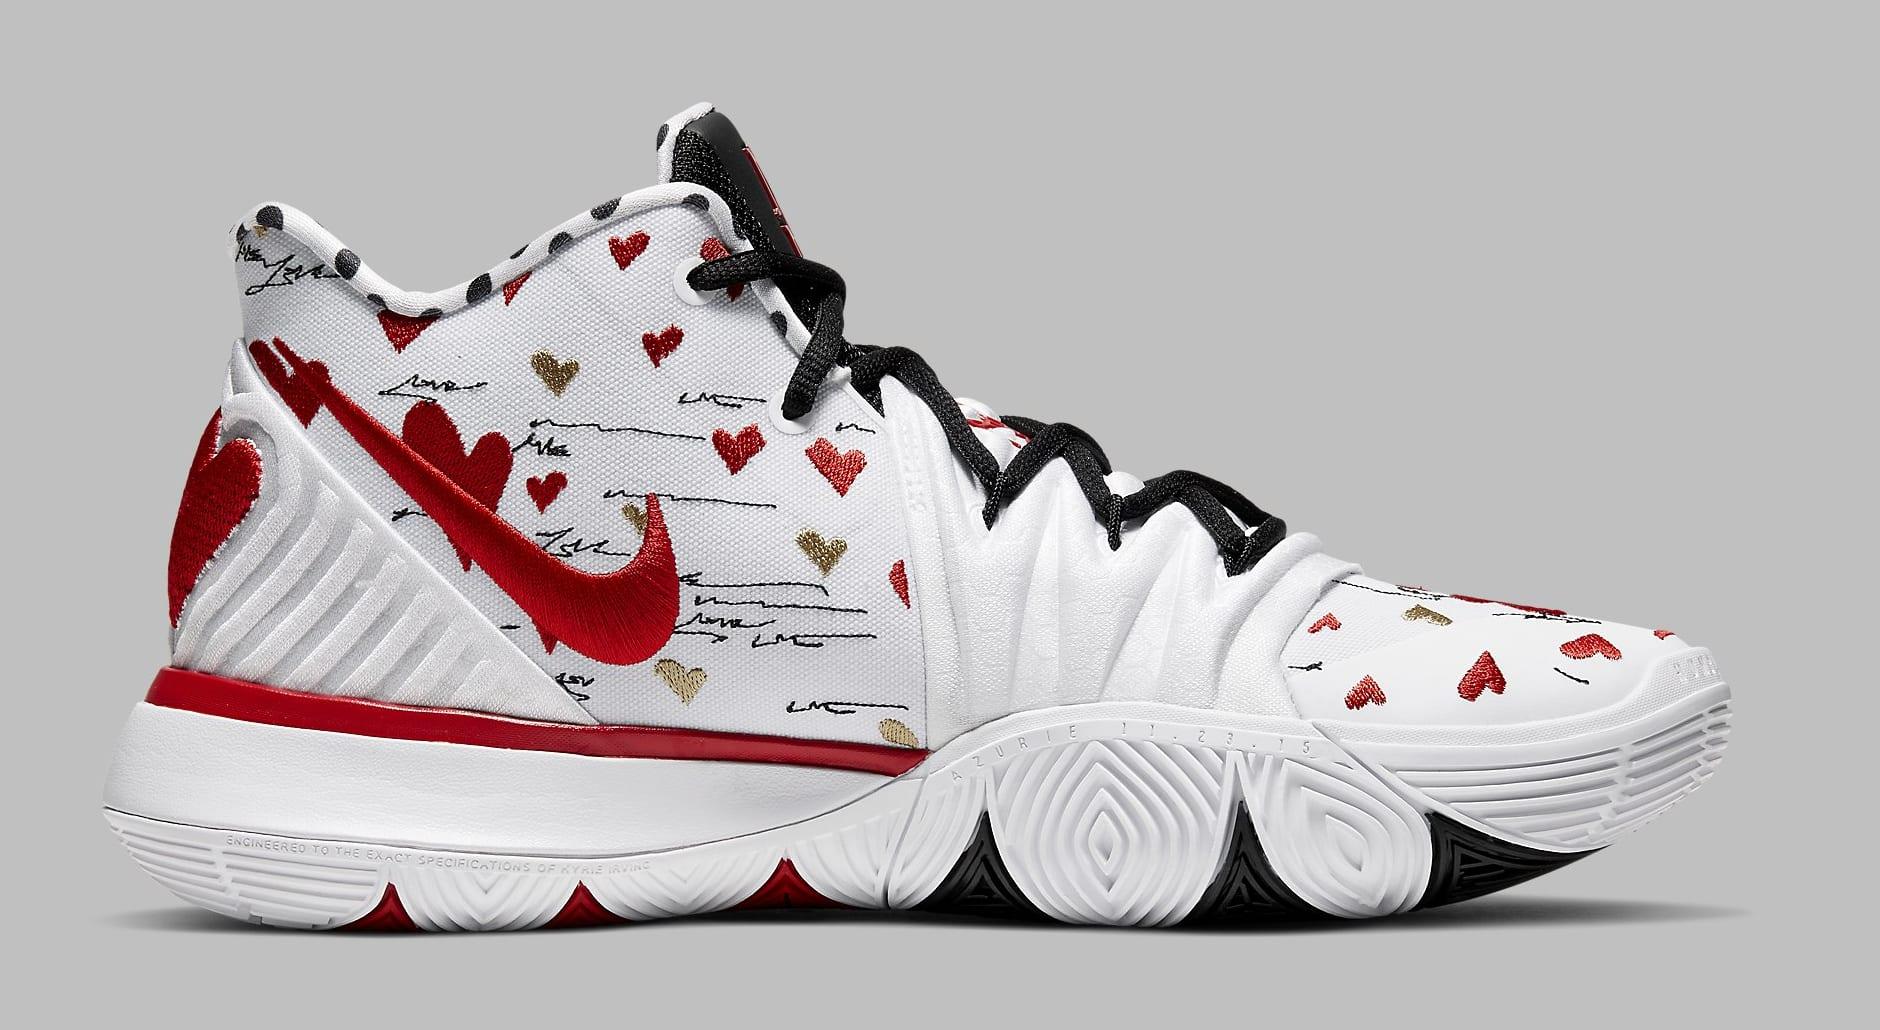 sneaker-room-nike-kyrie-5-mom-cu0677-100-medial